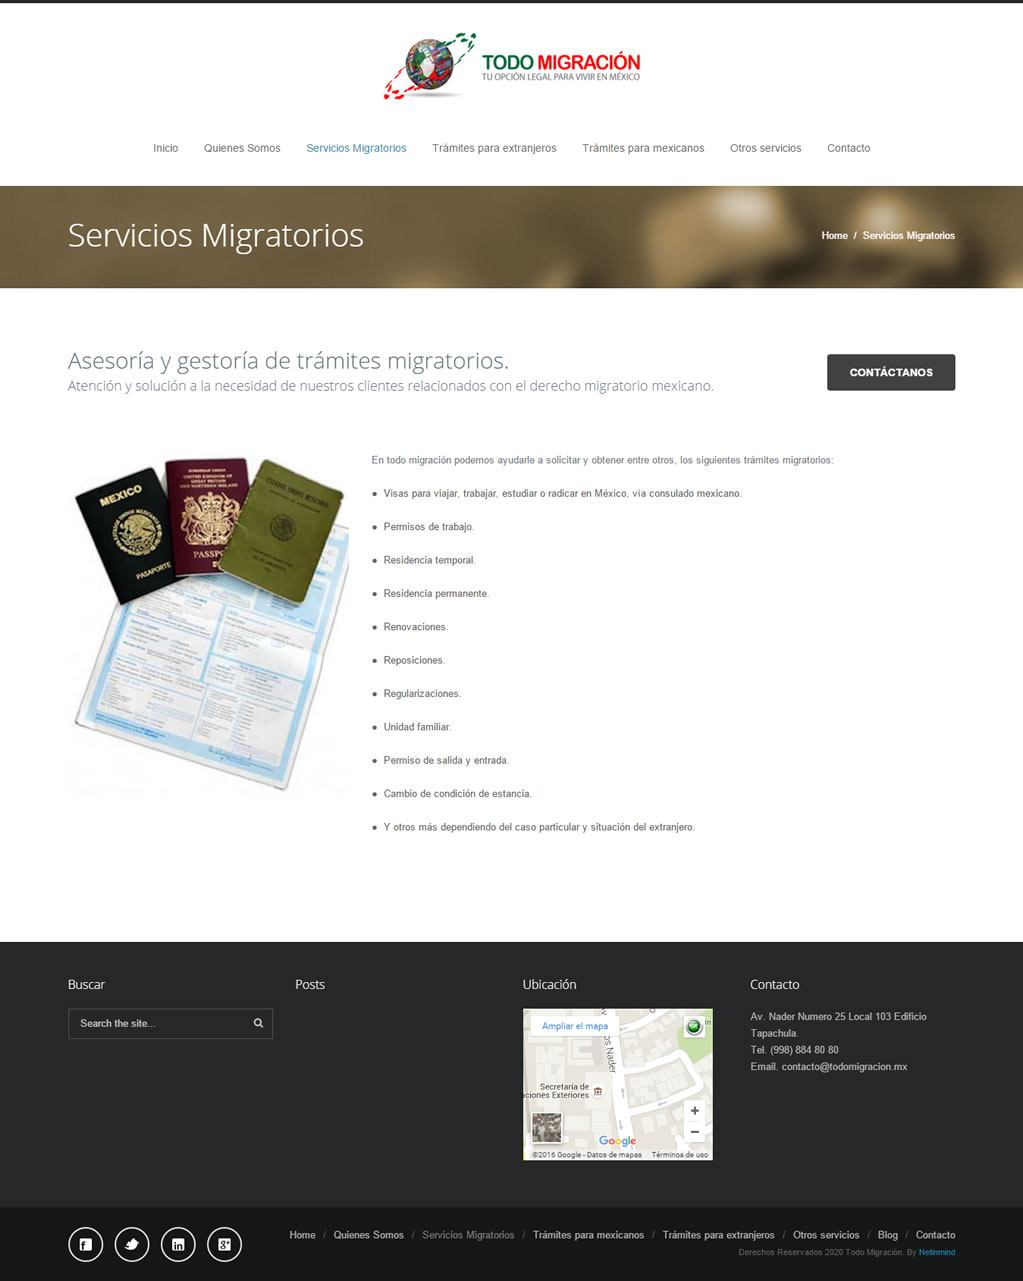 todo-migracion2